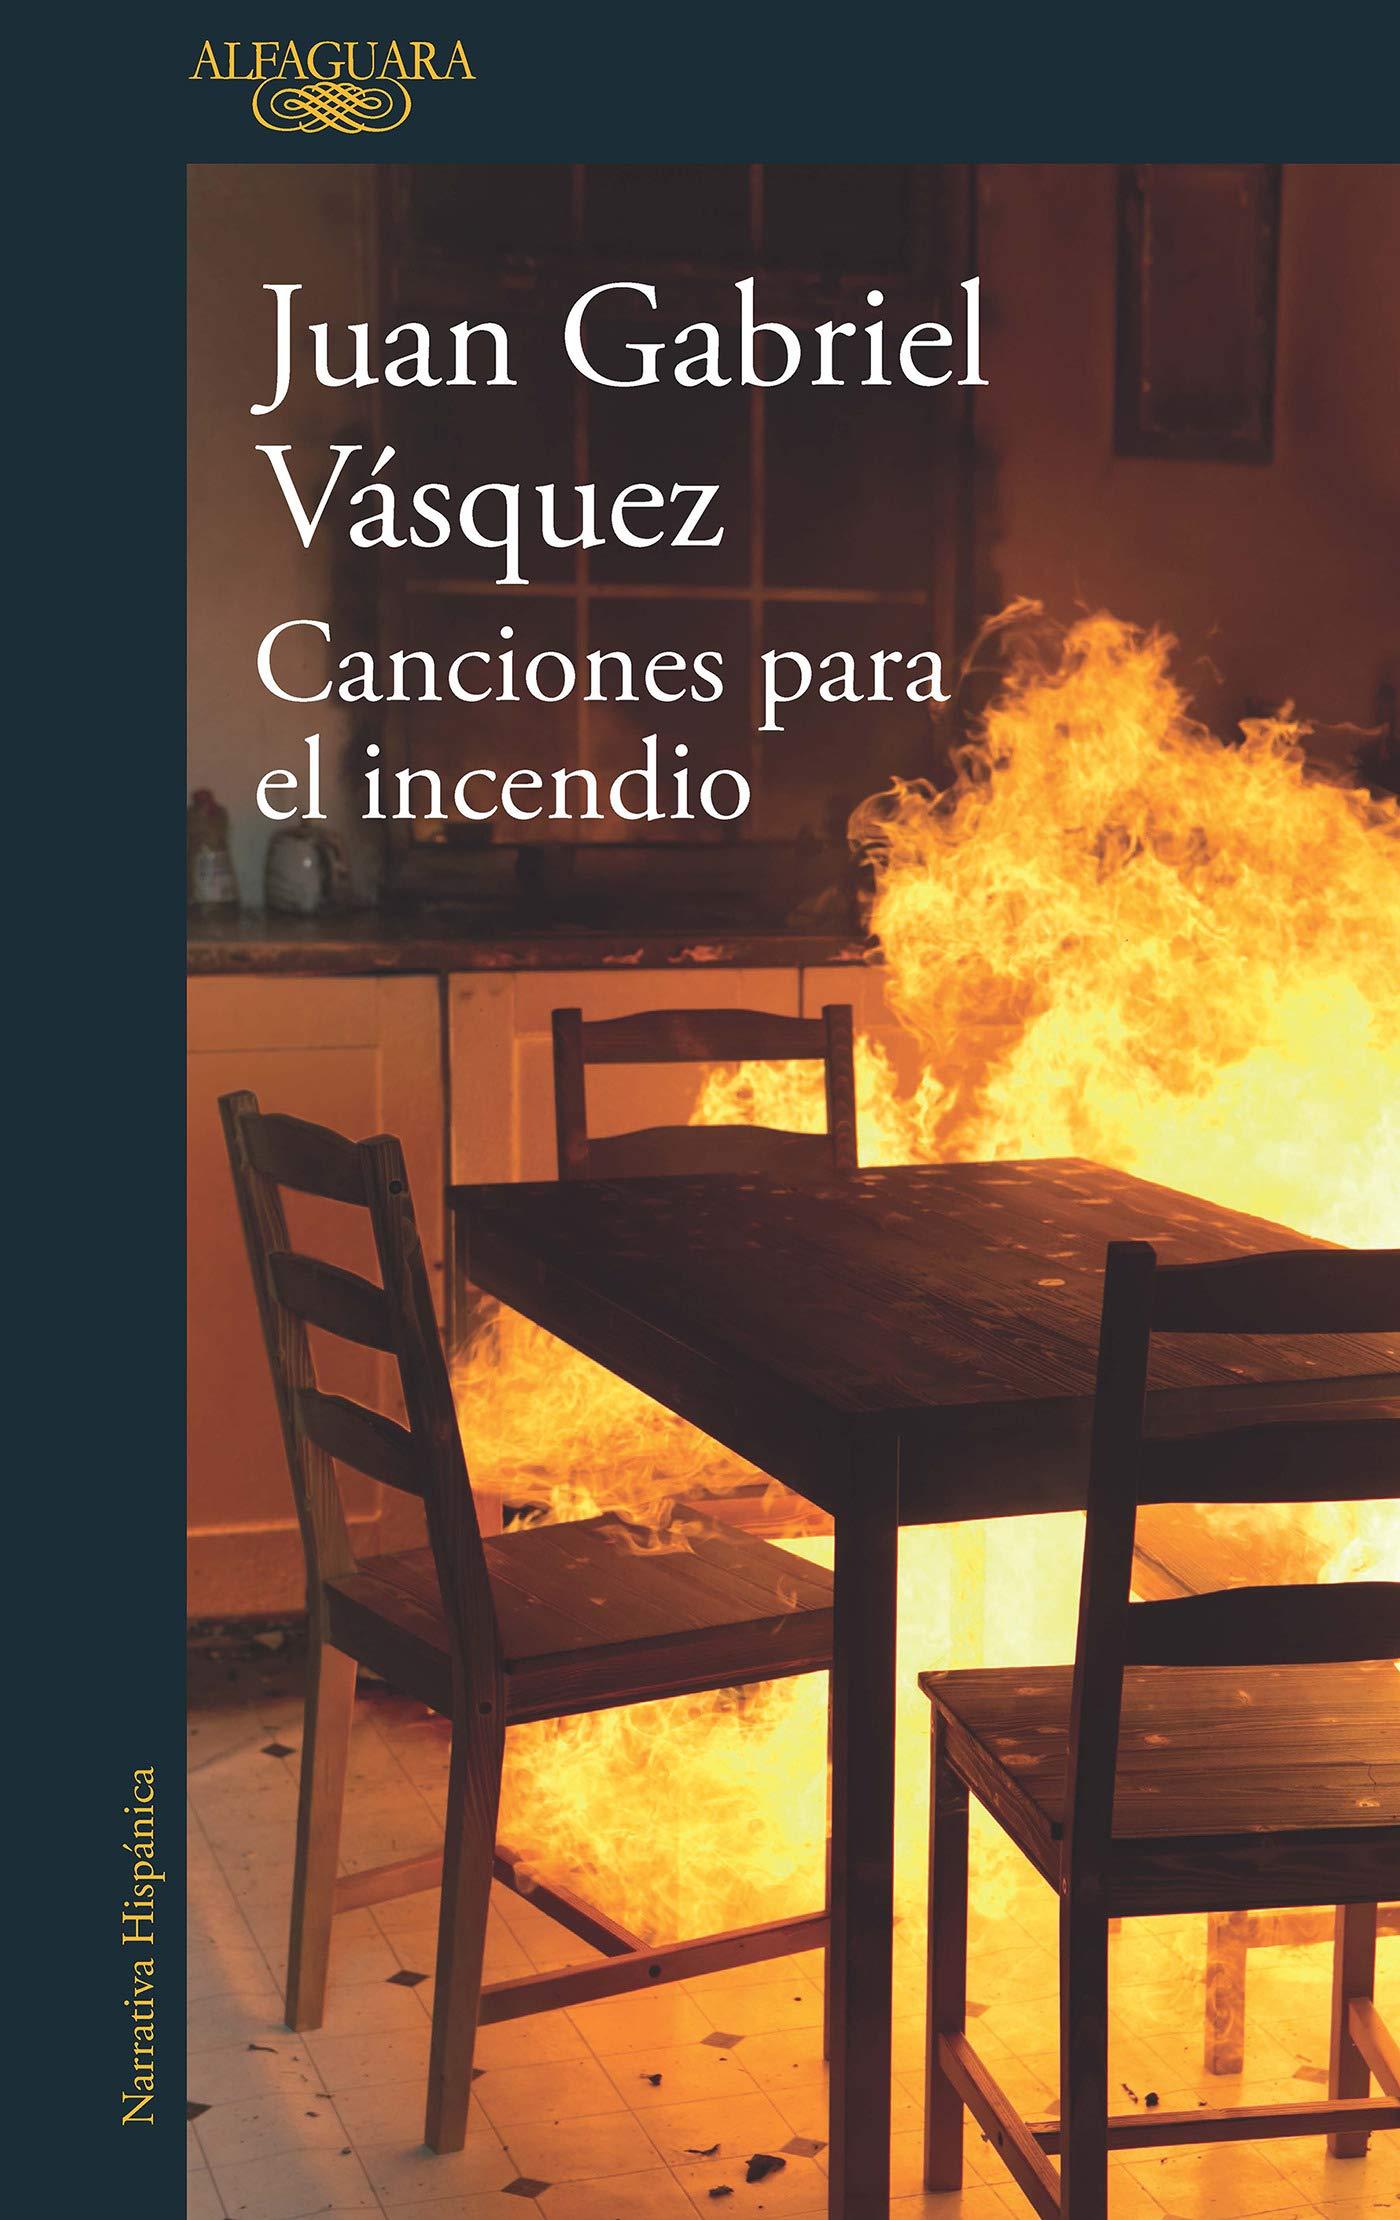 Canciones para el incendio por Juan Gabriel Vásquez